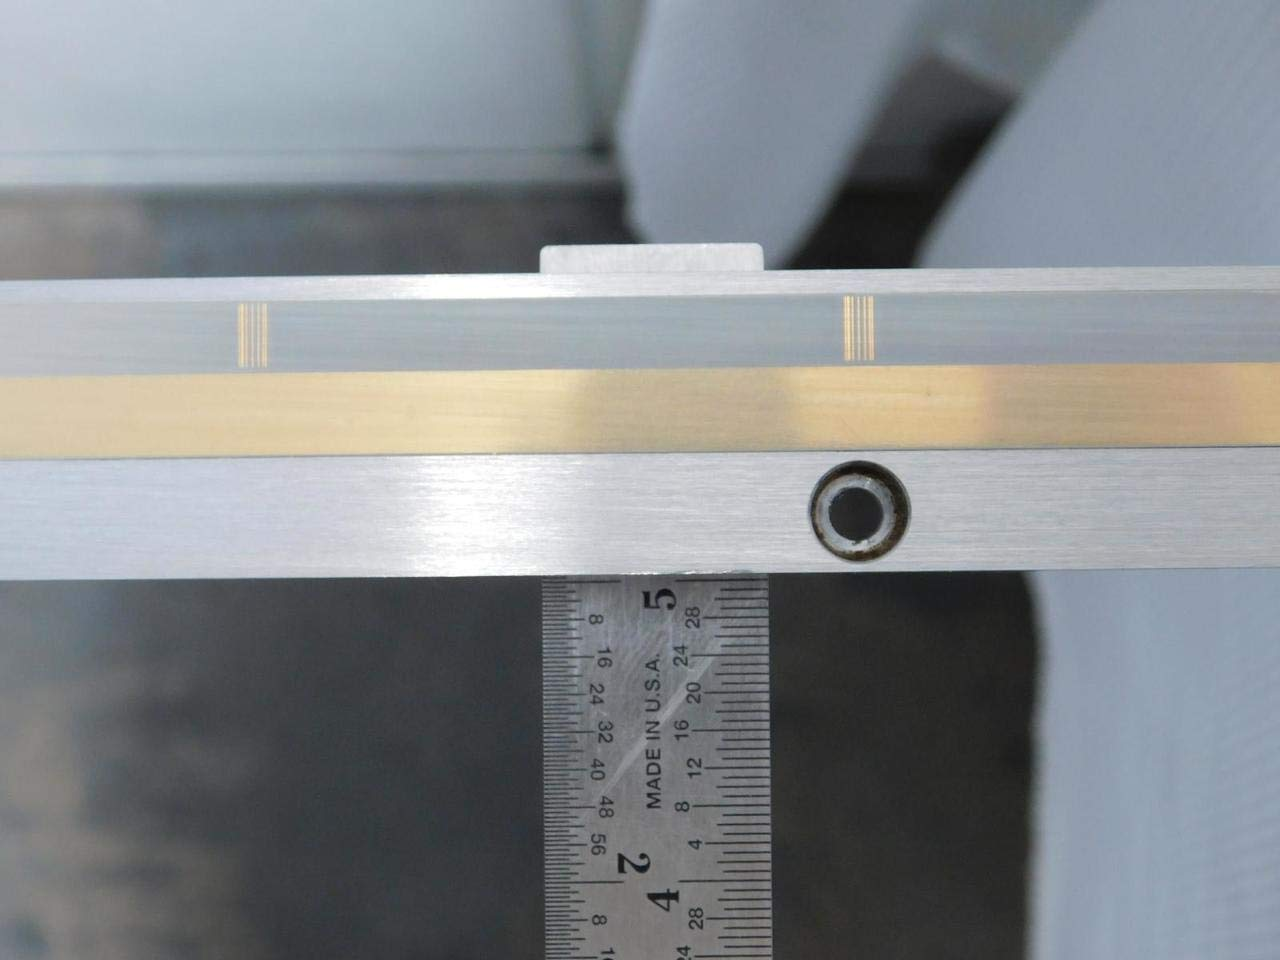 Heidenhain LIDA 201 Linear Encoder 1440 mm ML T137207